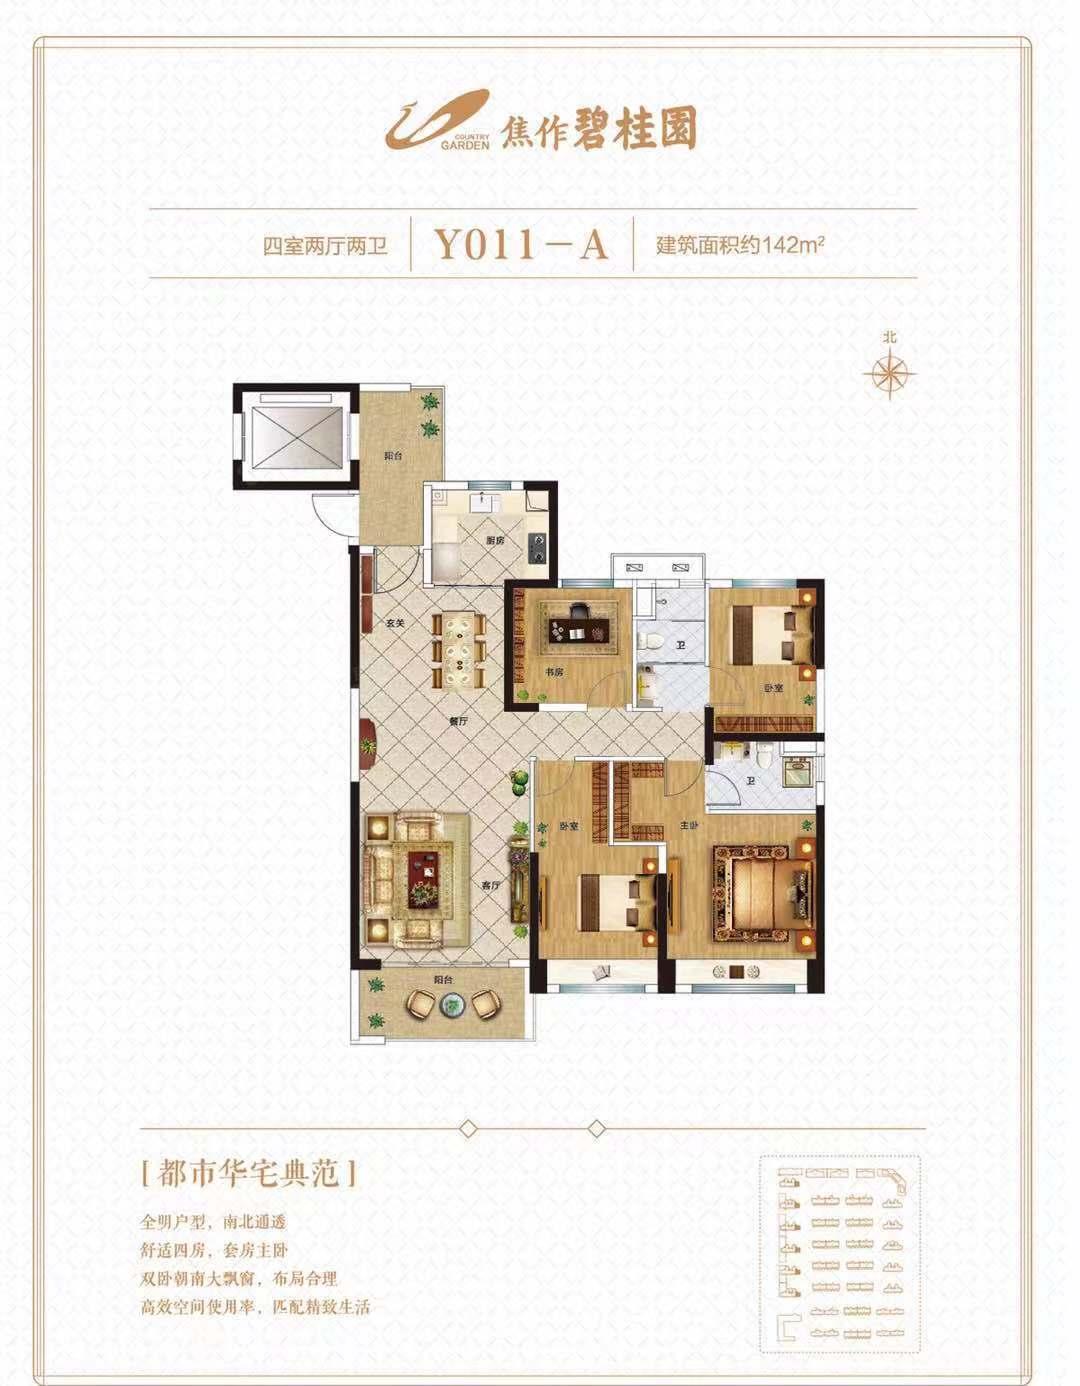 焦作碧桂园4室2厅2卫户型图